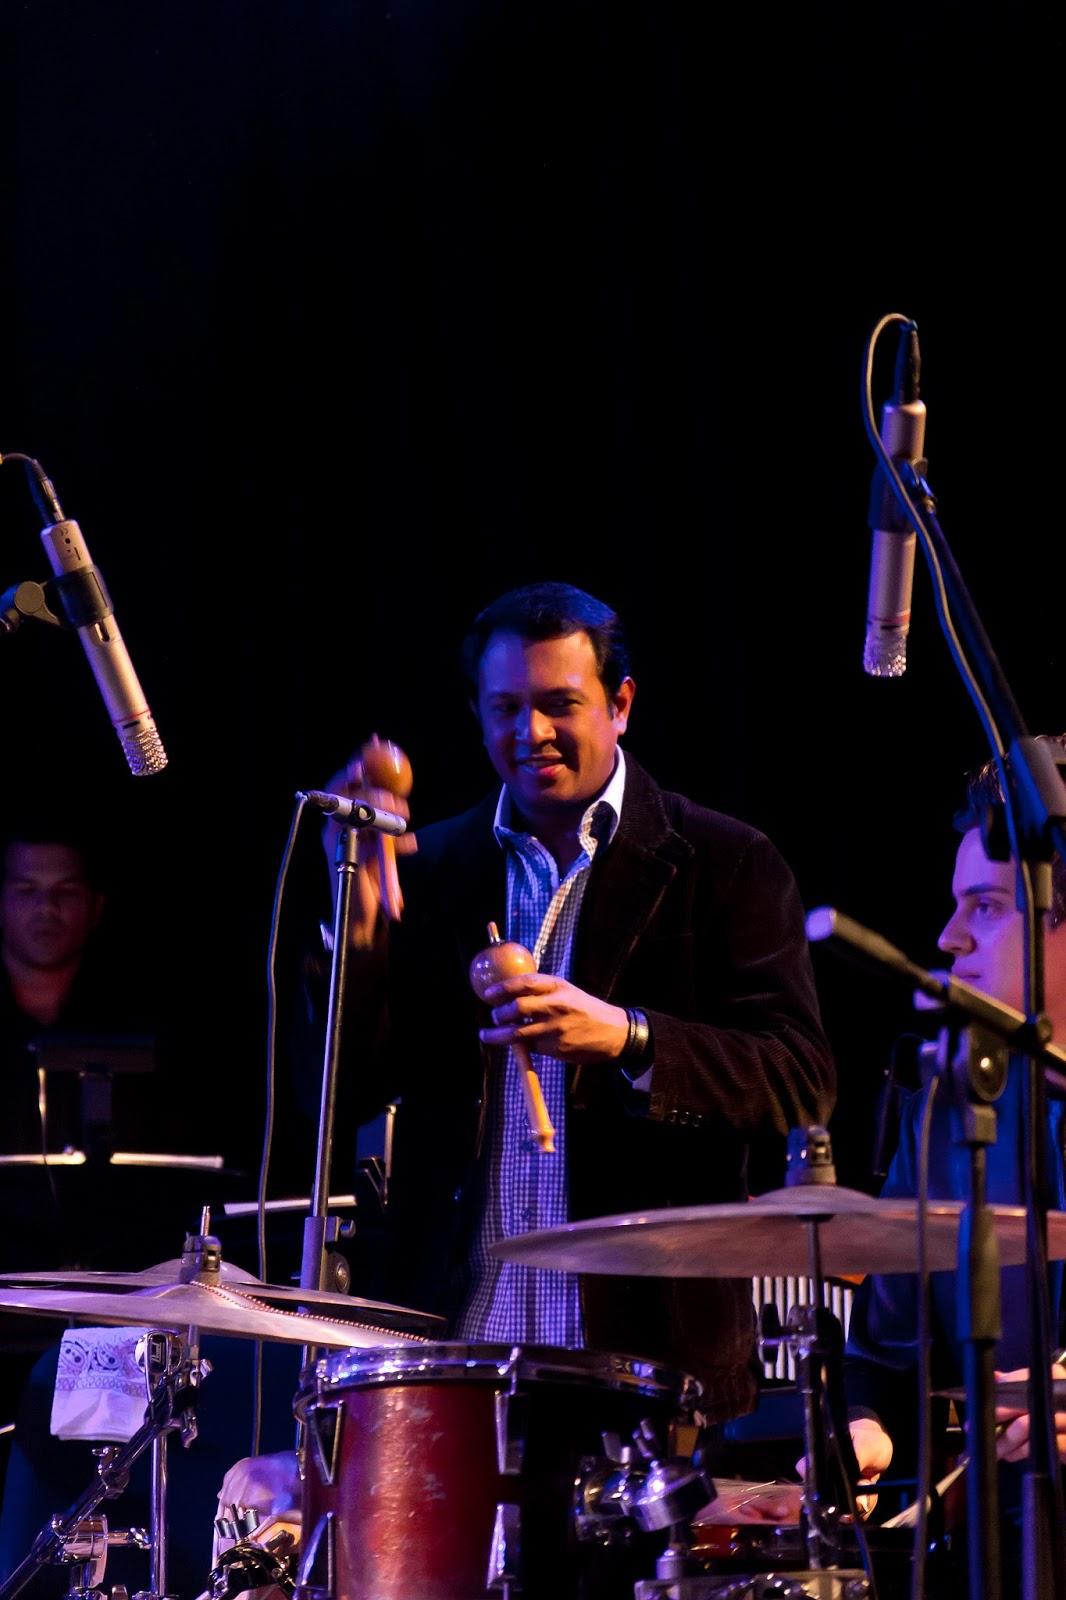 Conservatorio de m sica sim n bol var mayo 2013 for Conservatorio simon bolivar blog